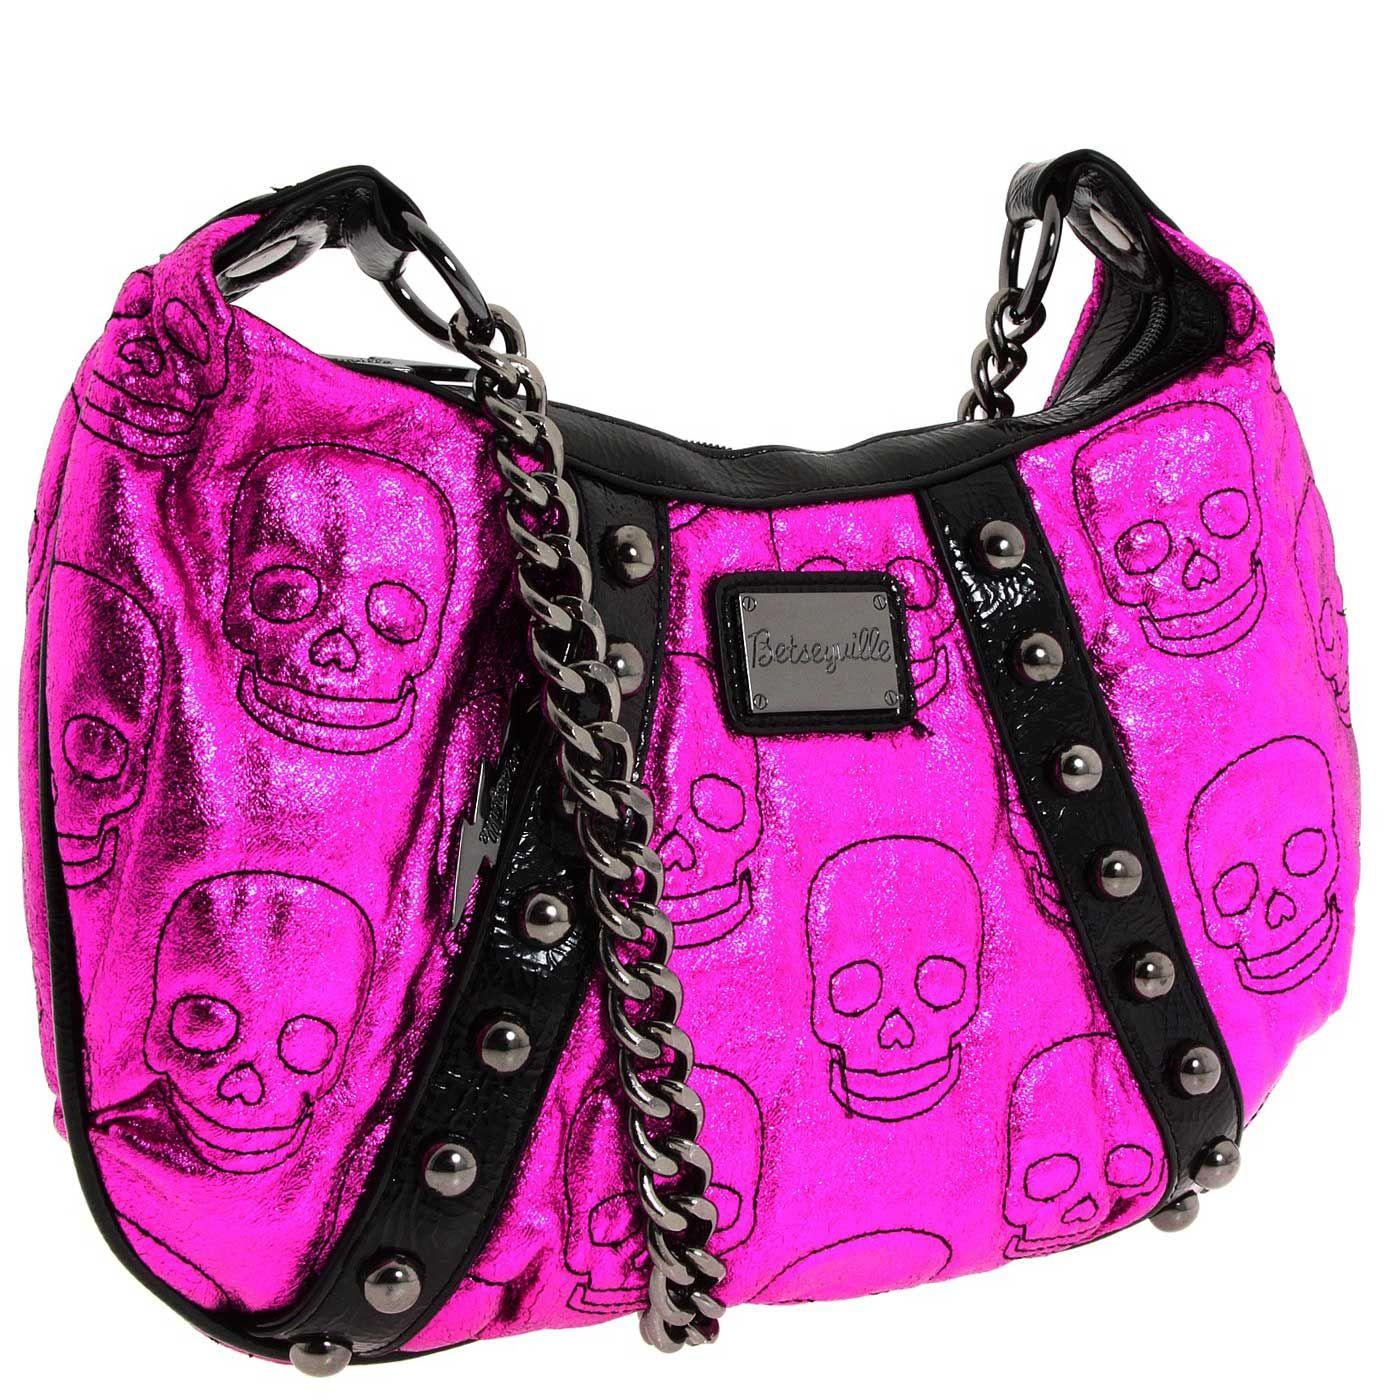 betseyville handbags | betseyville bags XJNMTBS